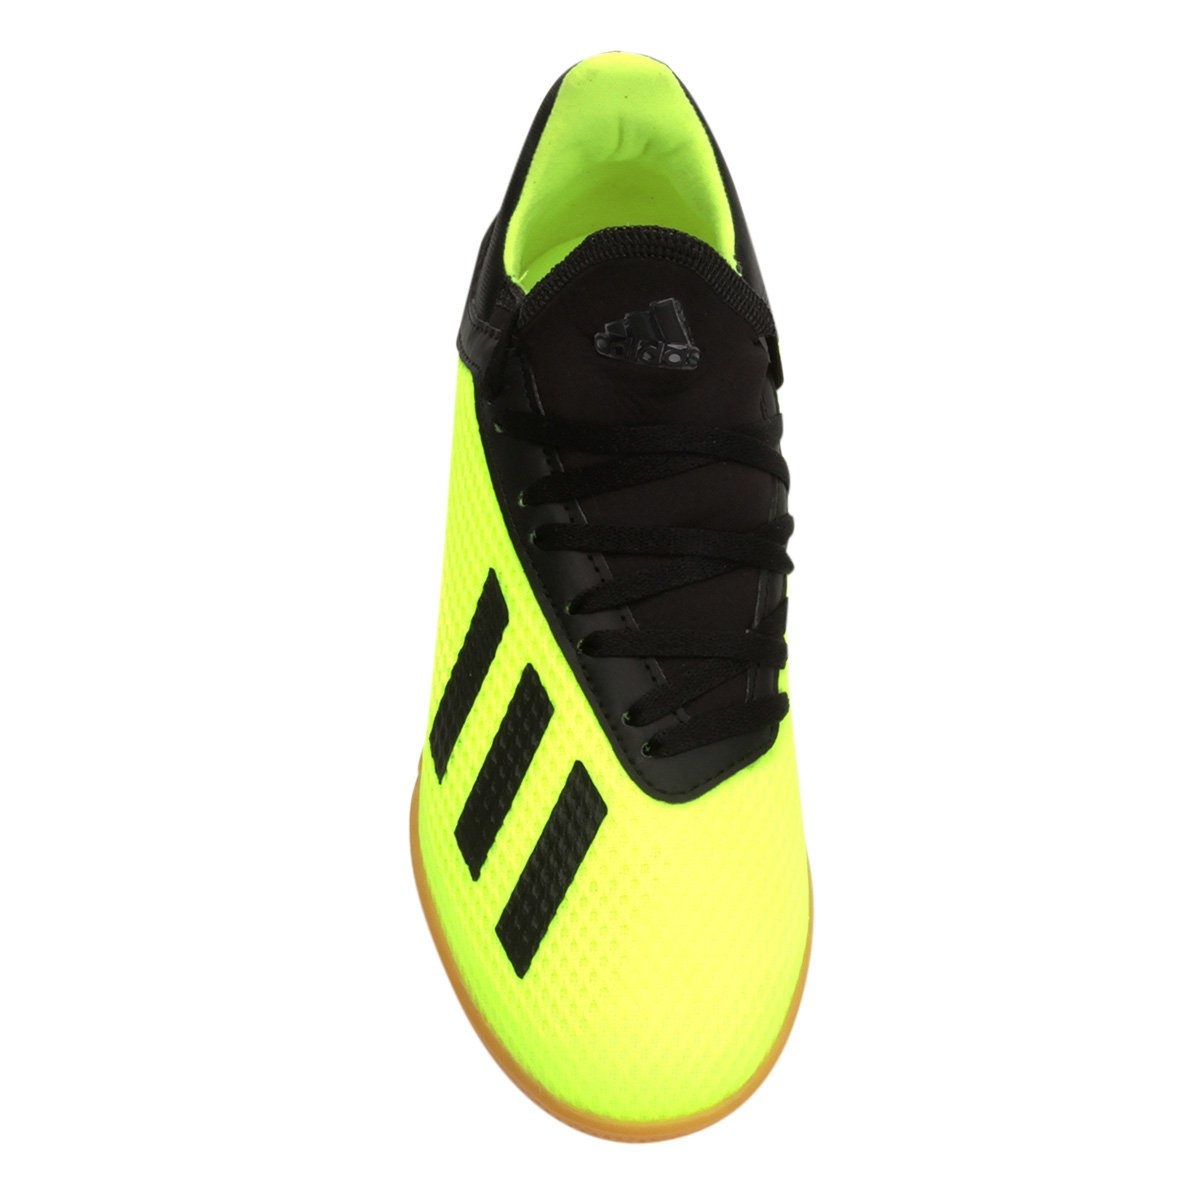 Chuteira Futsal Infantil Adidas X Tango 18 3 IN - Amarelo e Preto ... e5902279711ad